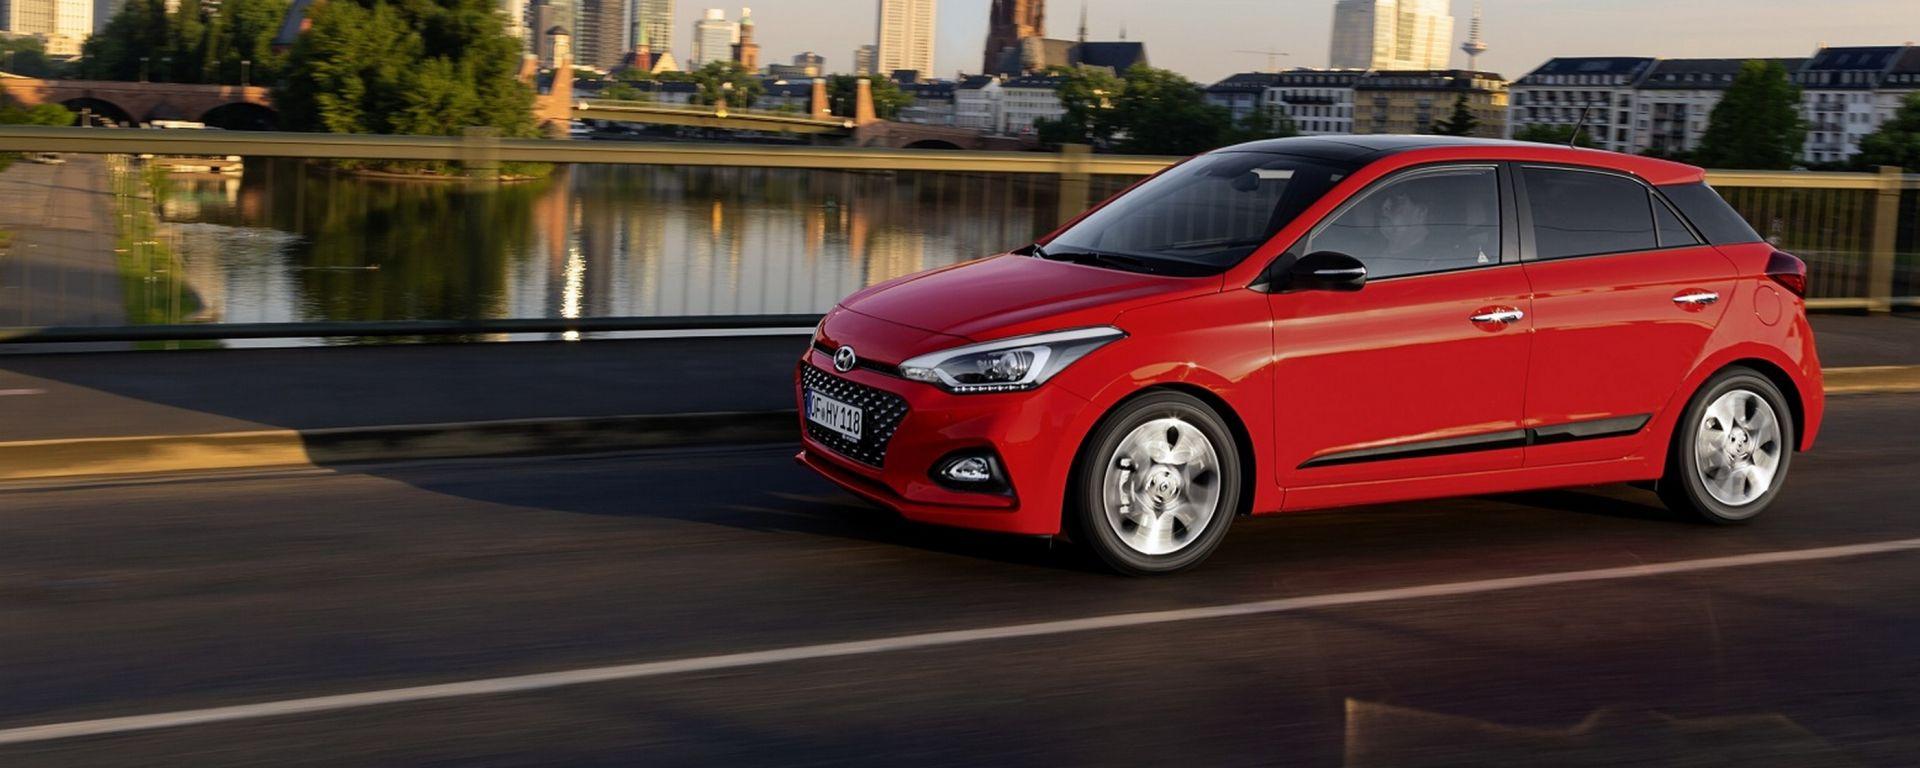 Hyundai i20: da oggi si compra su Amazon con lo sconto